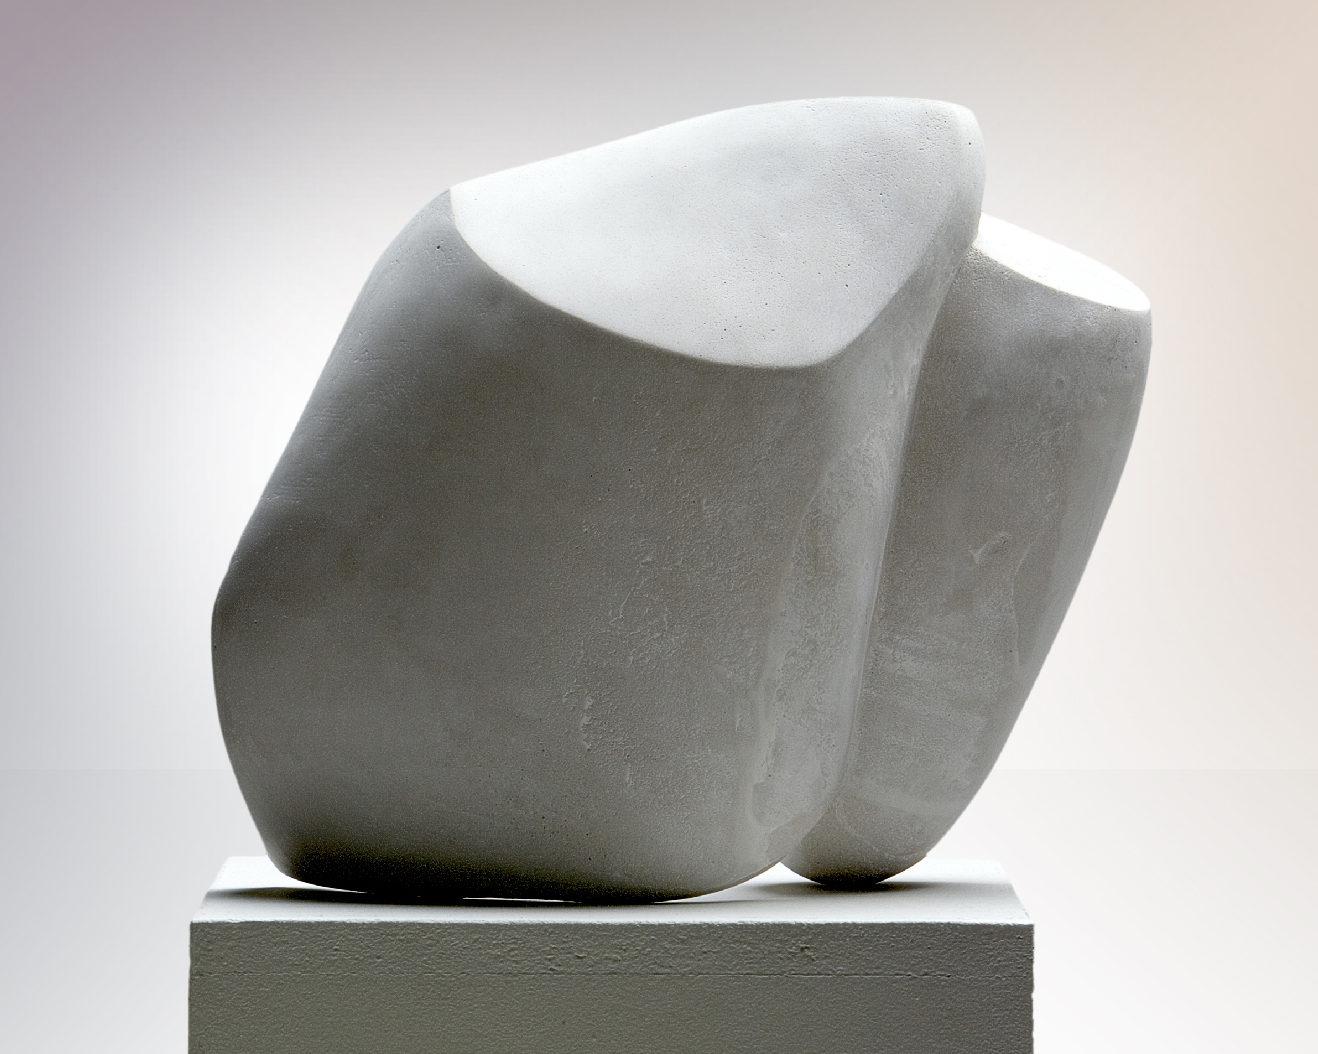 Focus sculpture béton Eggeling en vente sur Savannah Bay